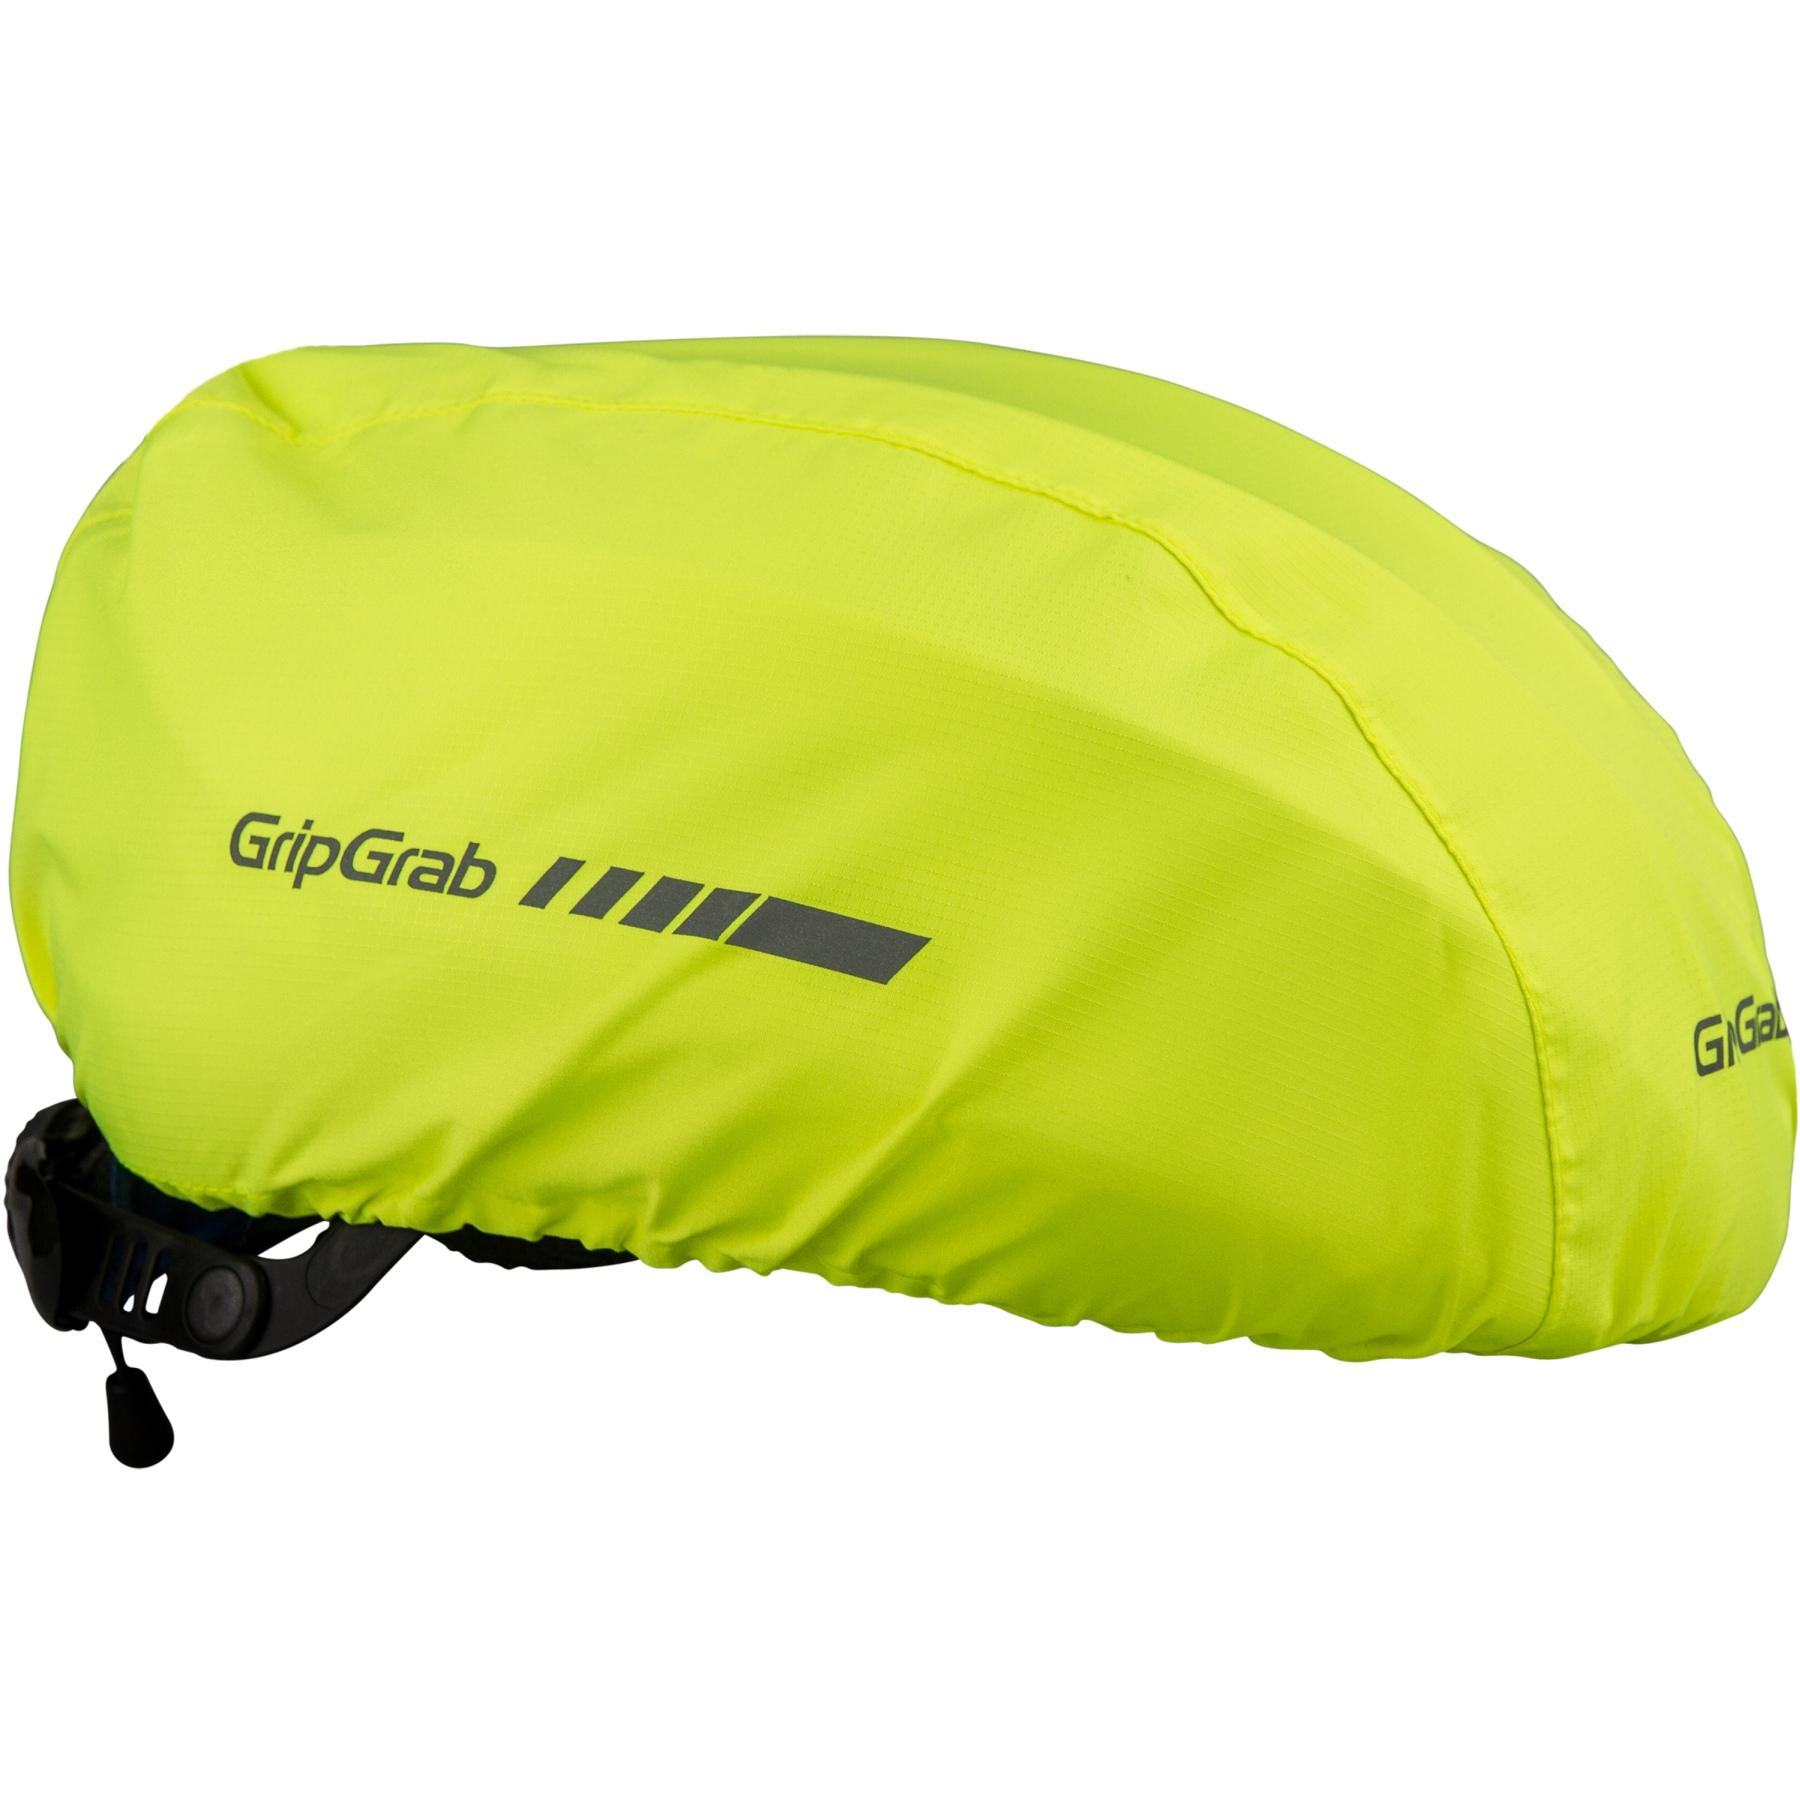 GripGrab Waterproof Hi-Vis Helmet Cover - Yellow Hi-Vis